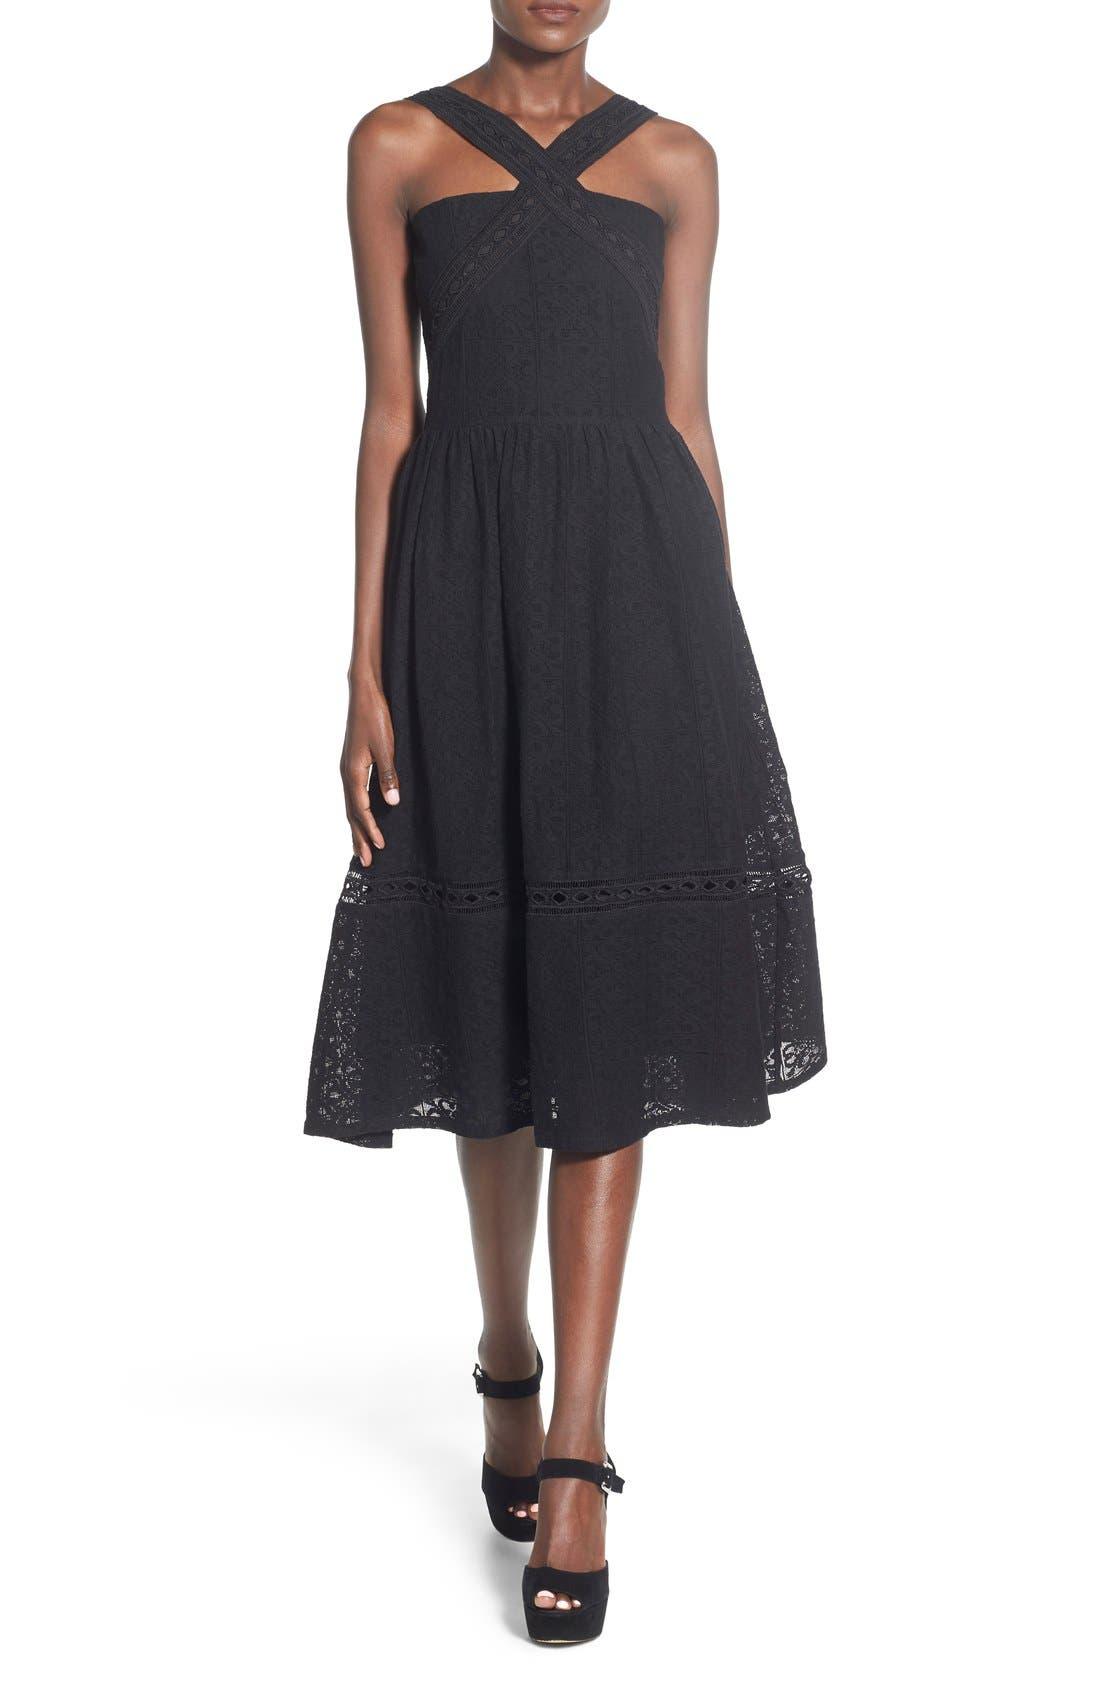 Main Image - J.O.A. Lace Fit & Flare Midi Dress